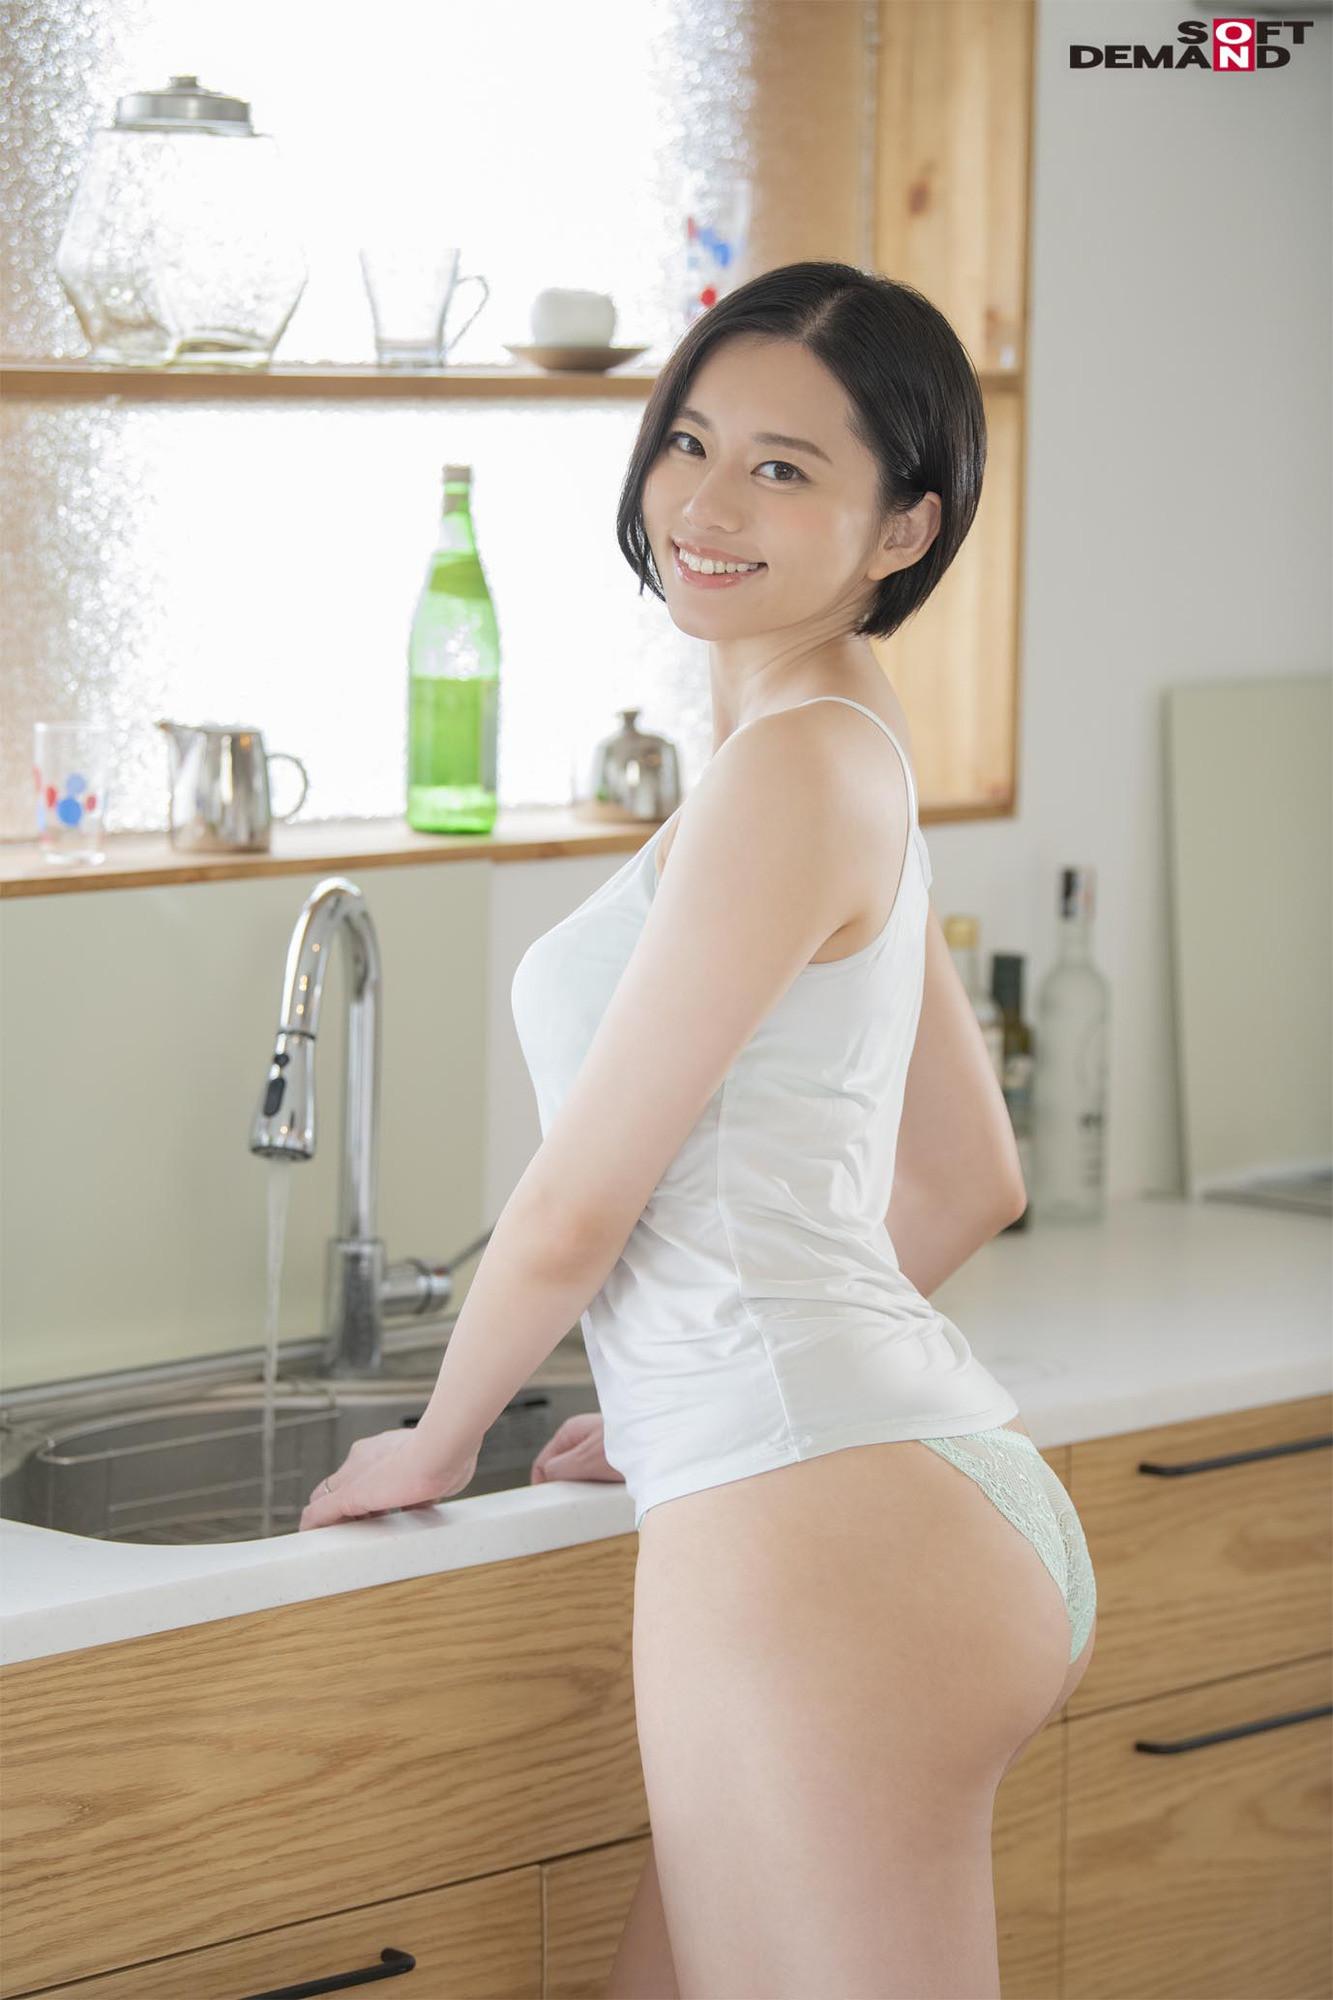 南アルプスの湧き水よりも澄み切った120%天然素材の美人妻 平井栞奈 34歳 第3章 「精子飲みたくて仕方ないんです」一滴残らず他人ザーメンごっくん7発! 画像1